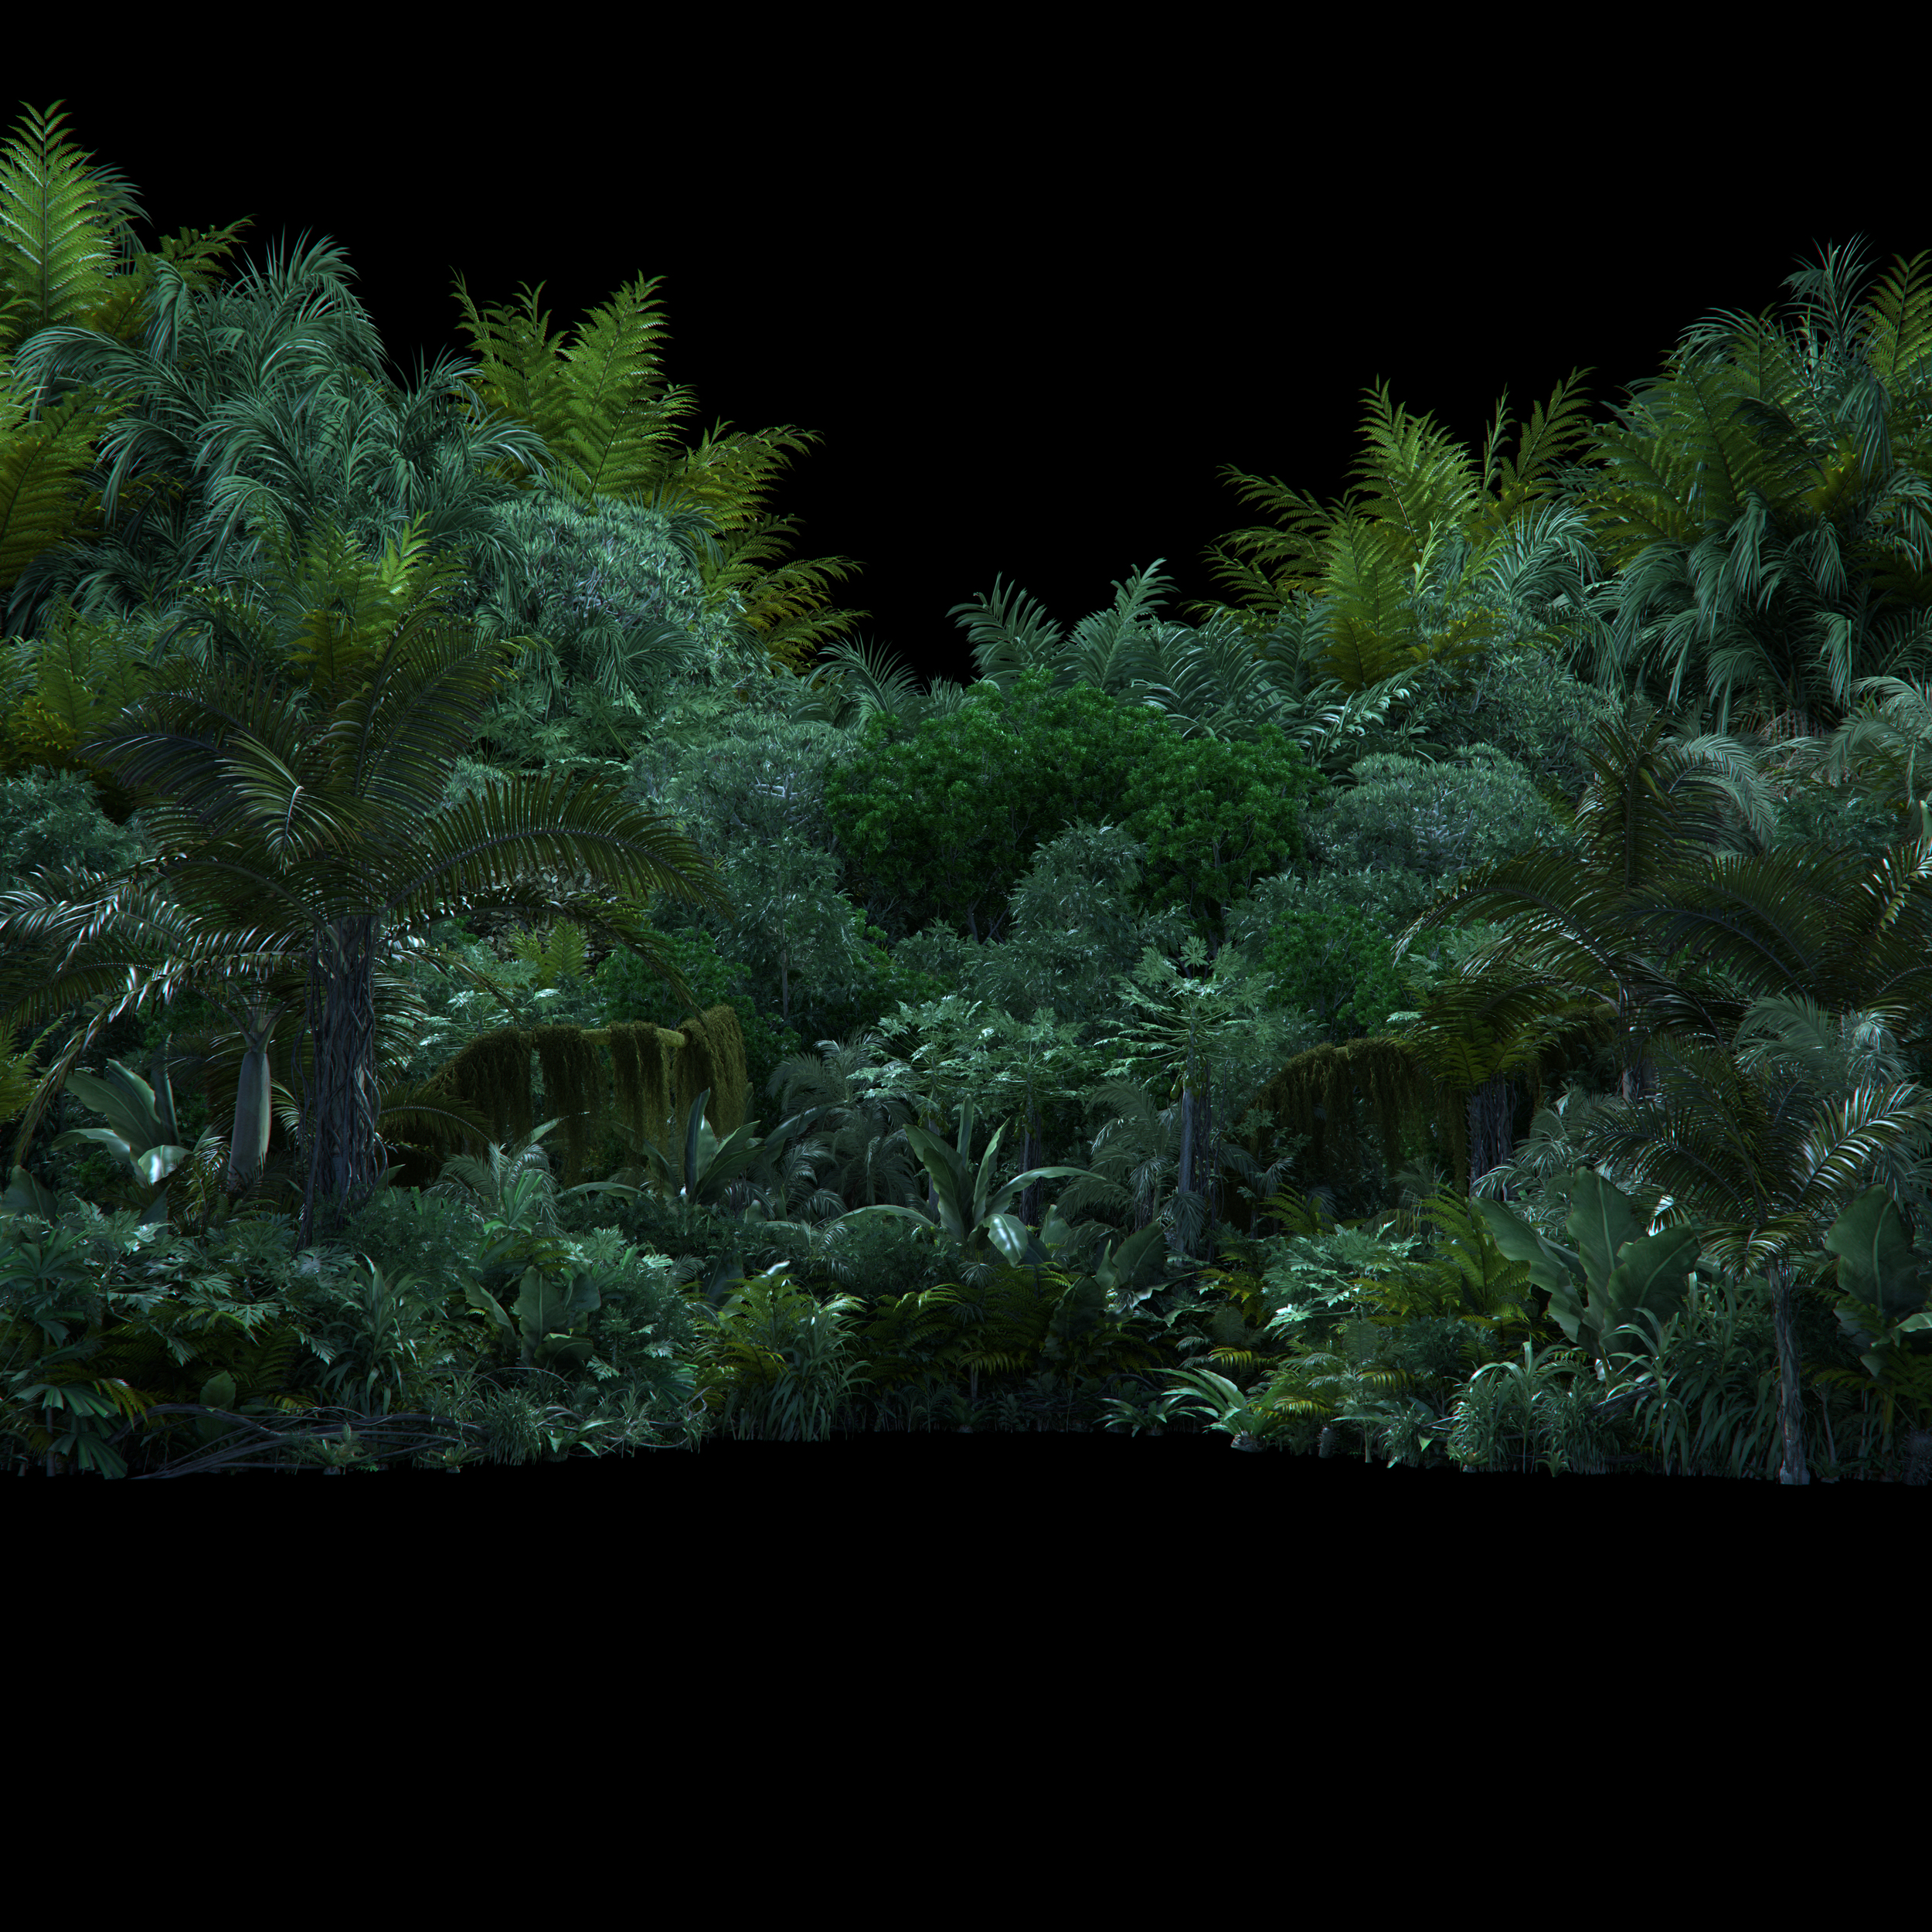 Click fo hi resolution of jungle details.